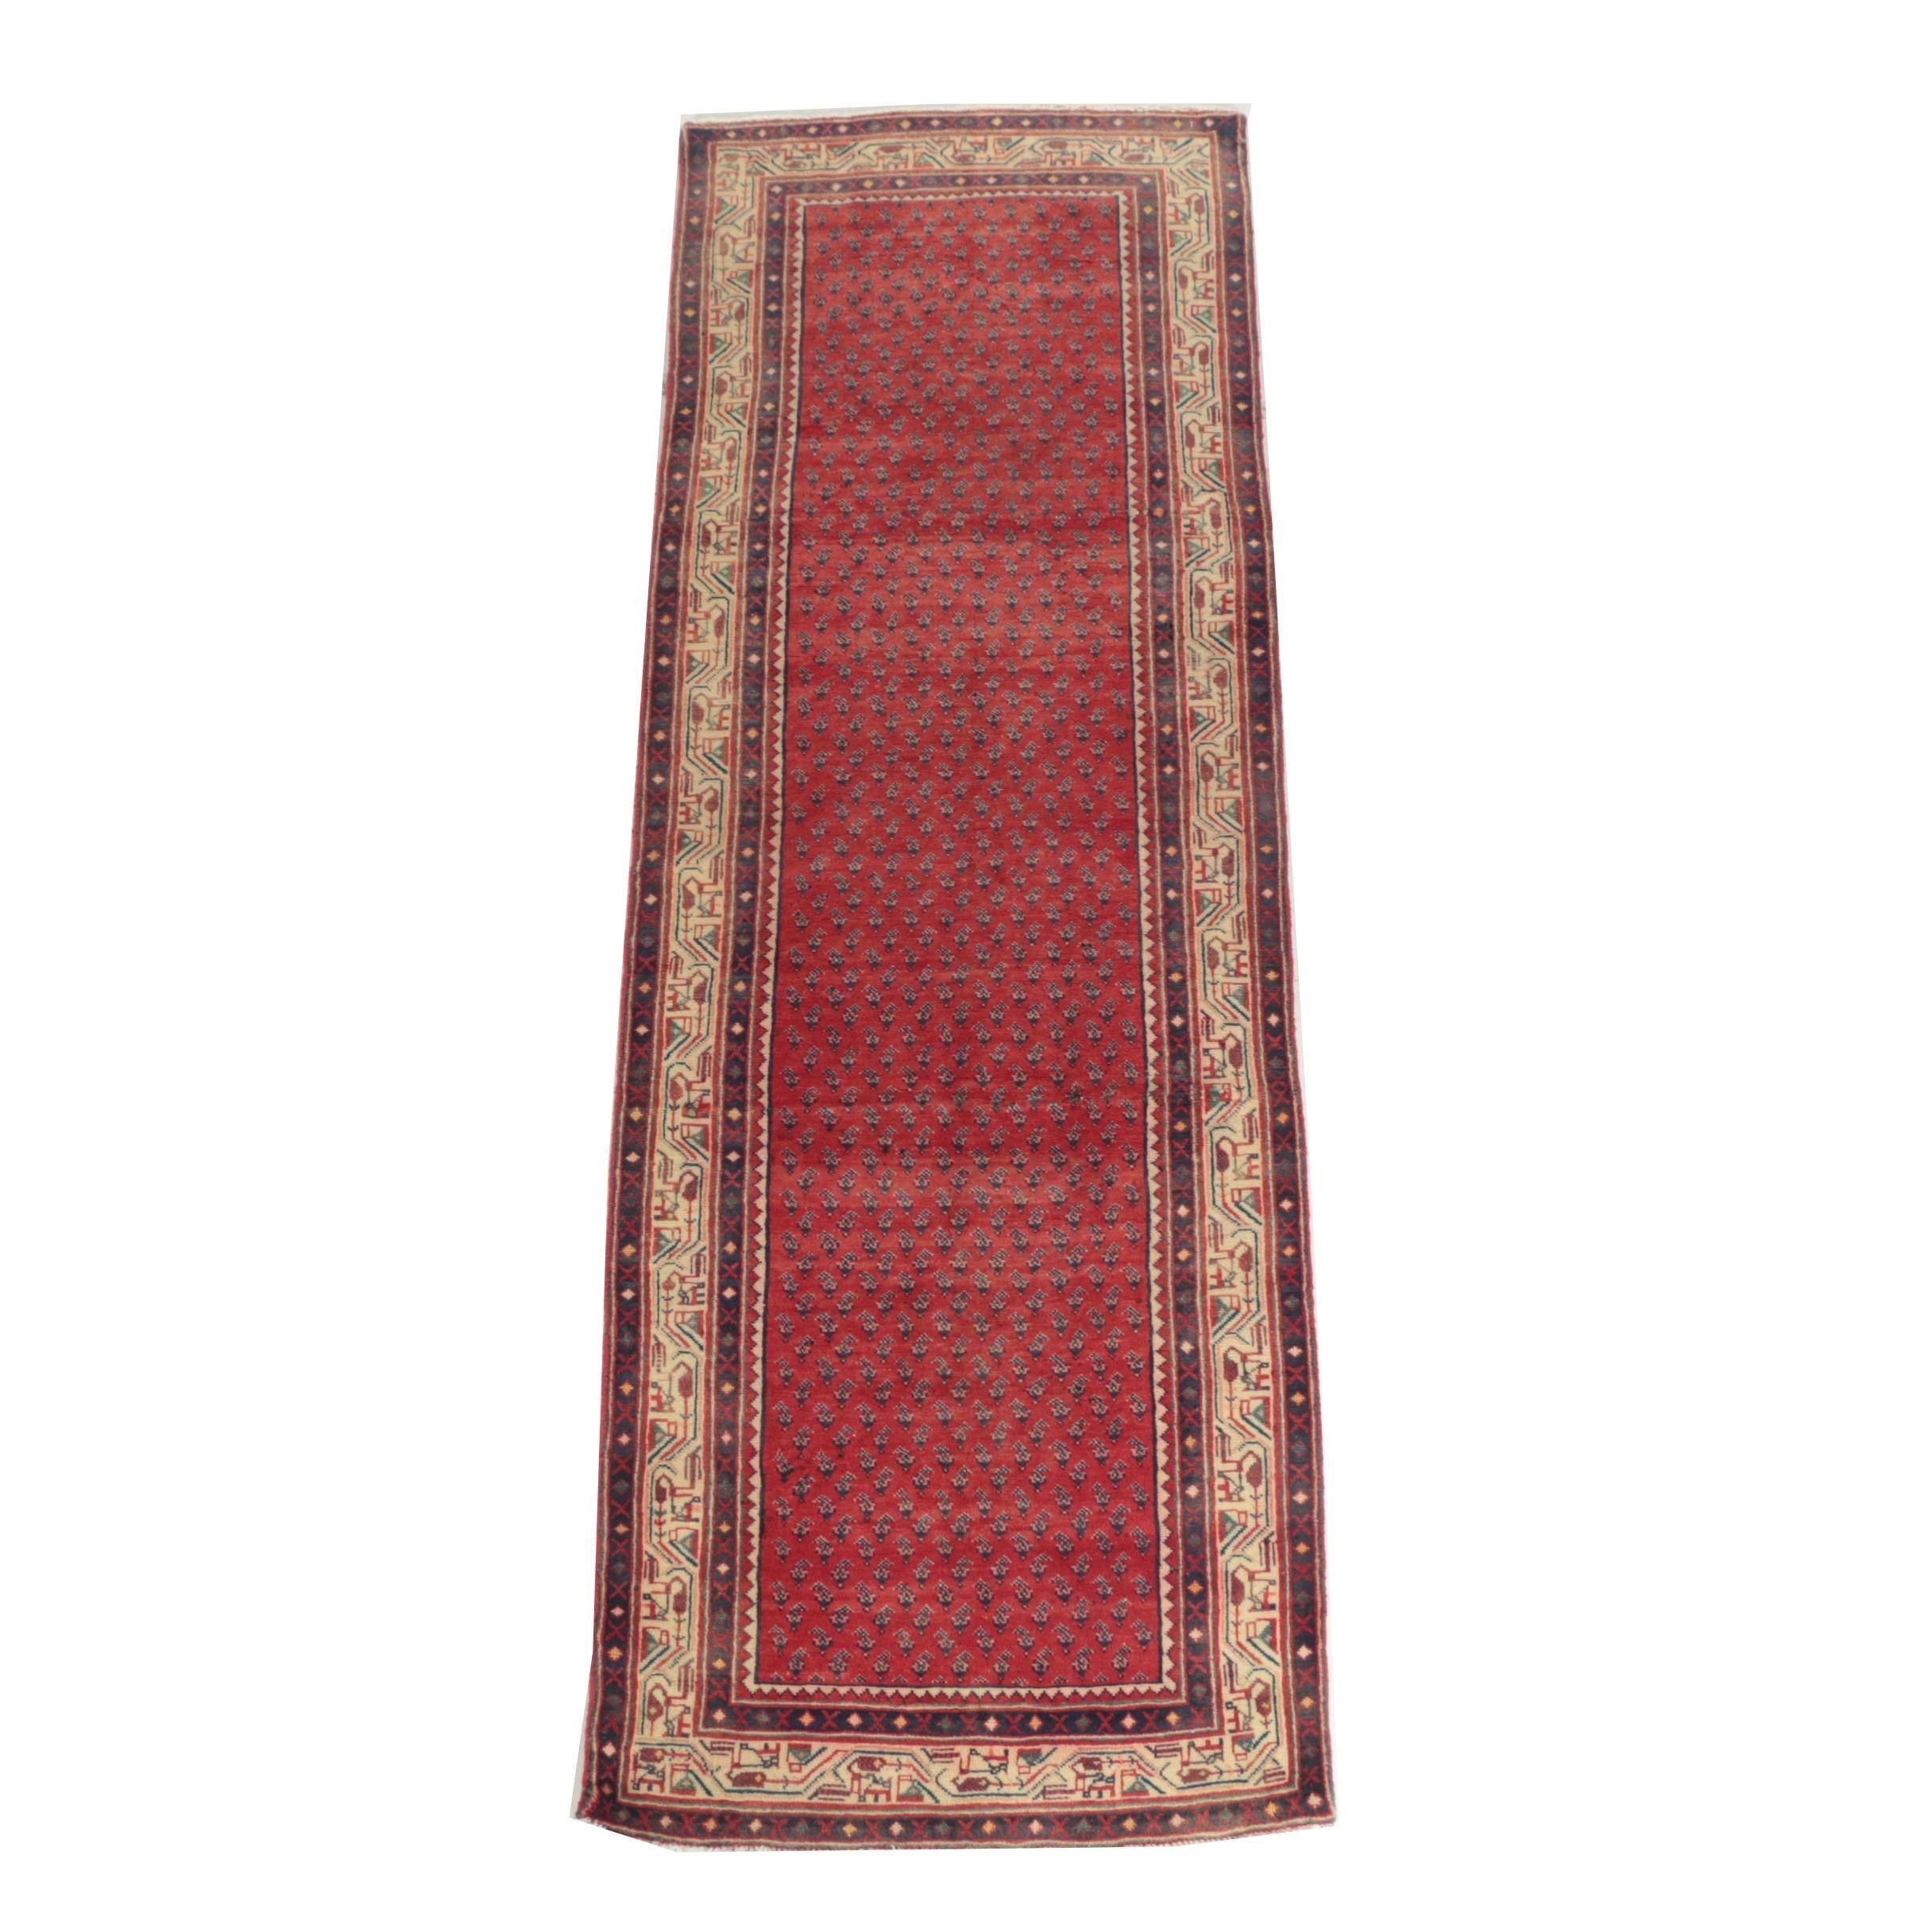 Hand-Knotted Persian Mir Serabend Wool Carpet Runner